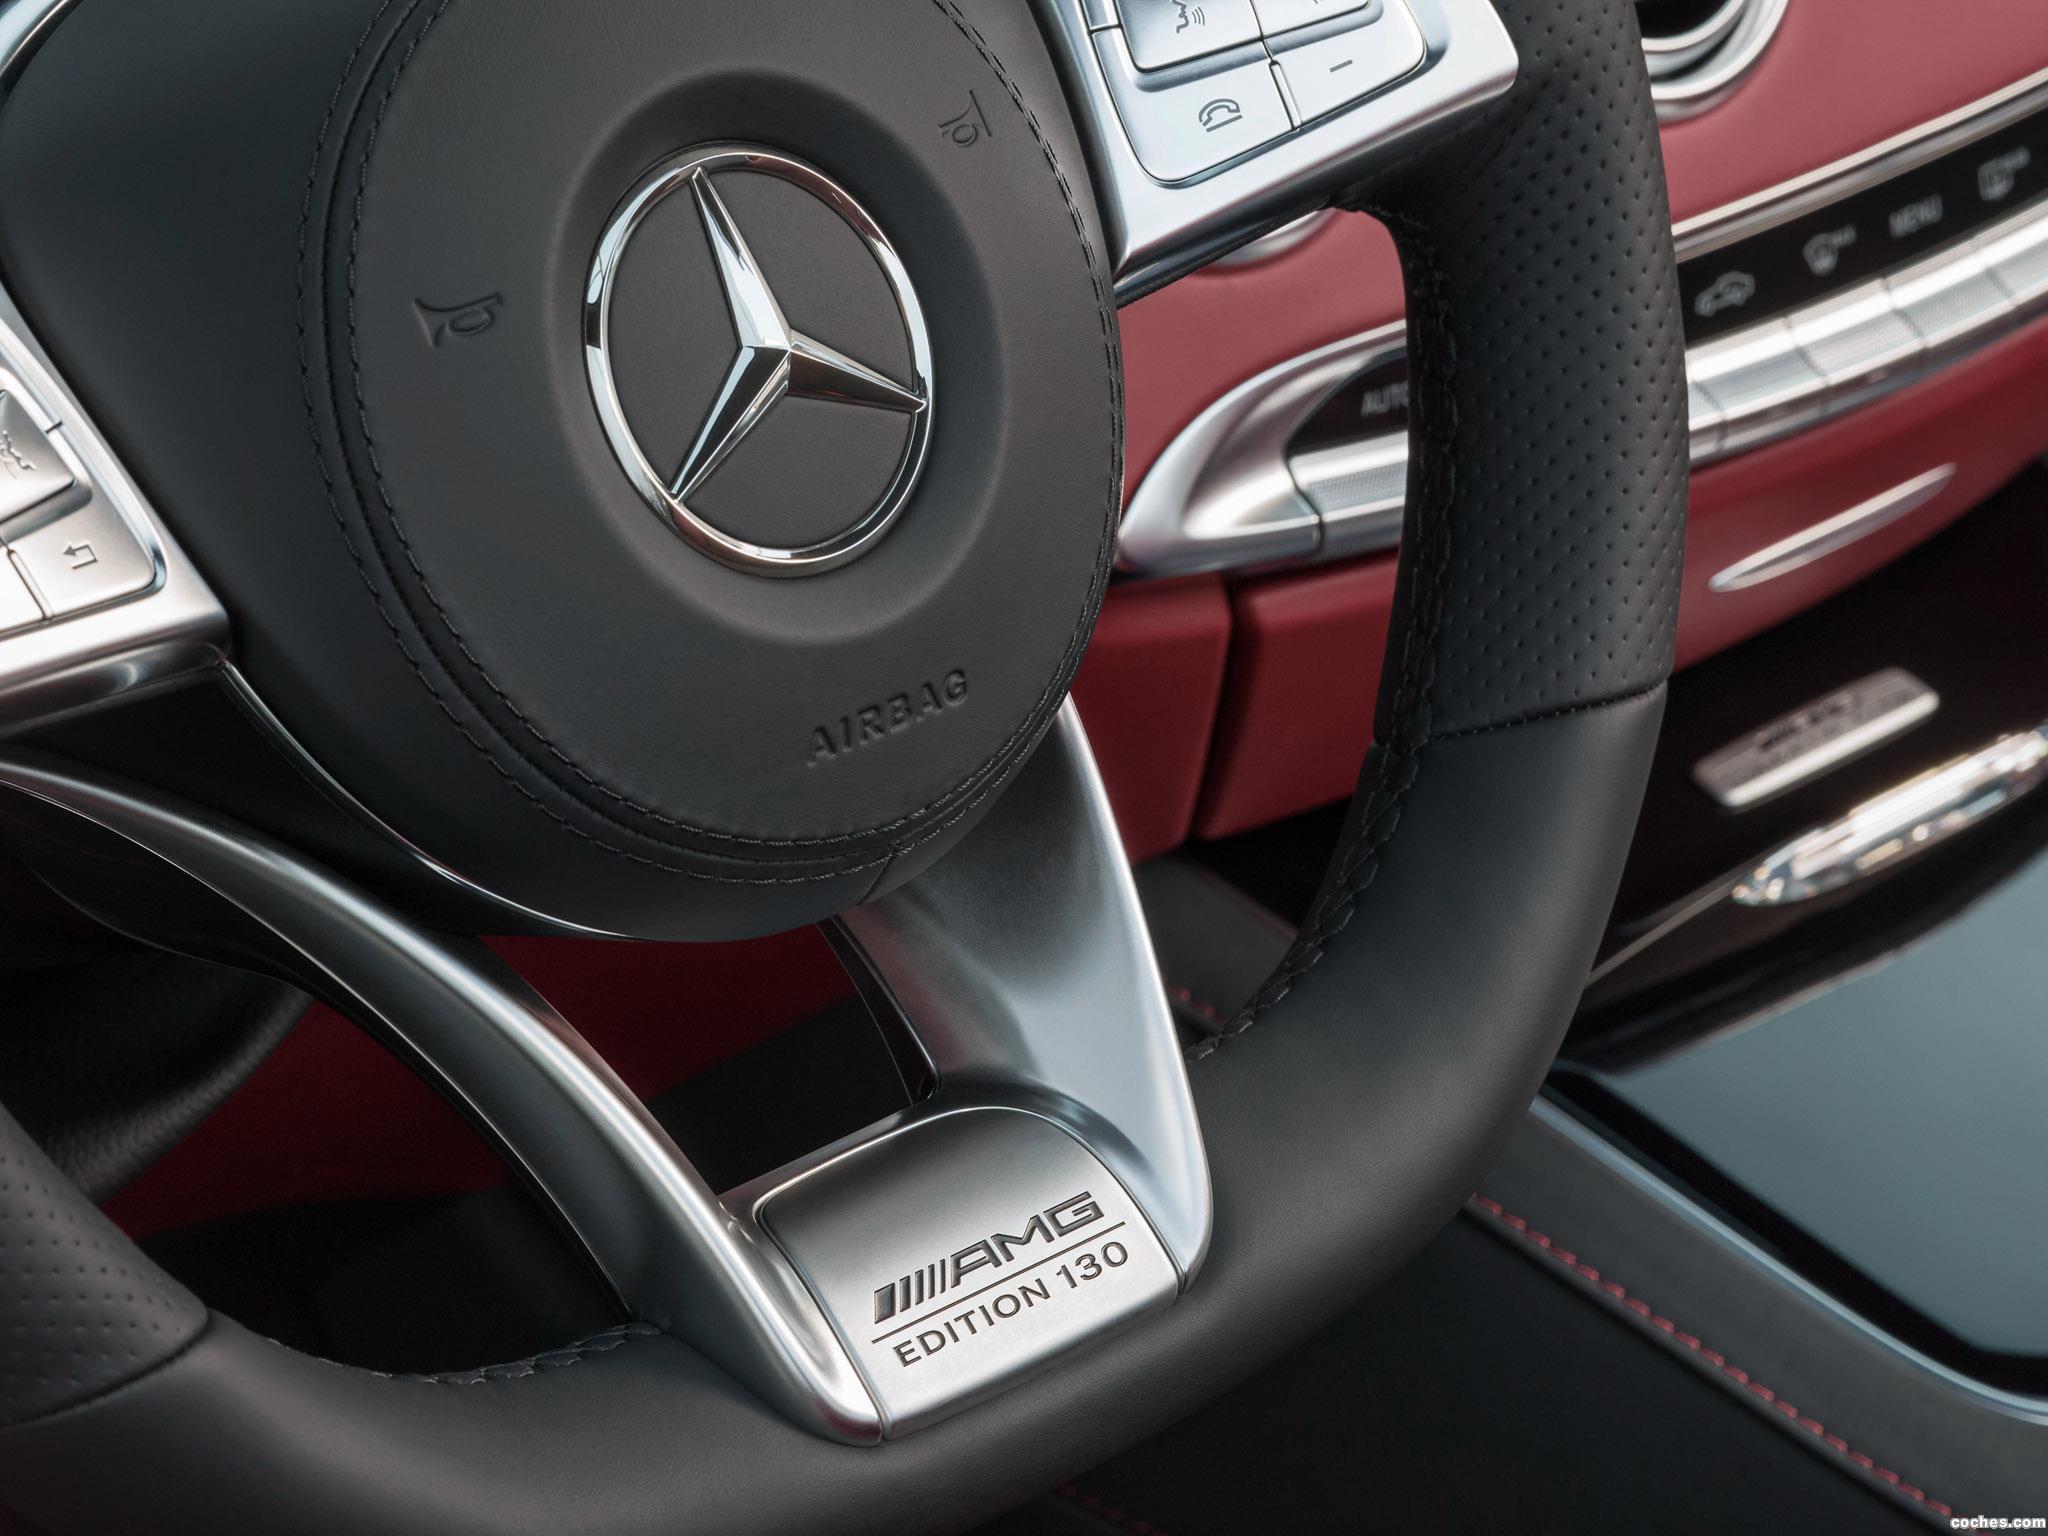 Foto 14 de Mercedes AMG S63 4MATIC Cabriolet Edition 130 A217 2016